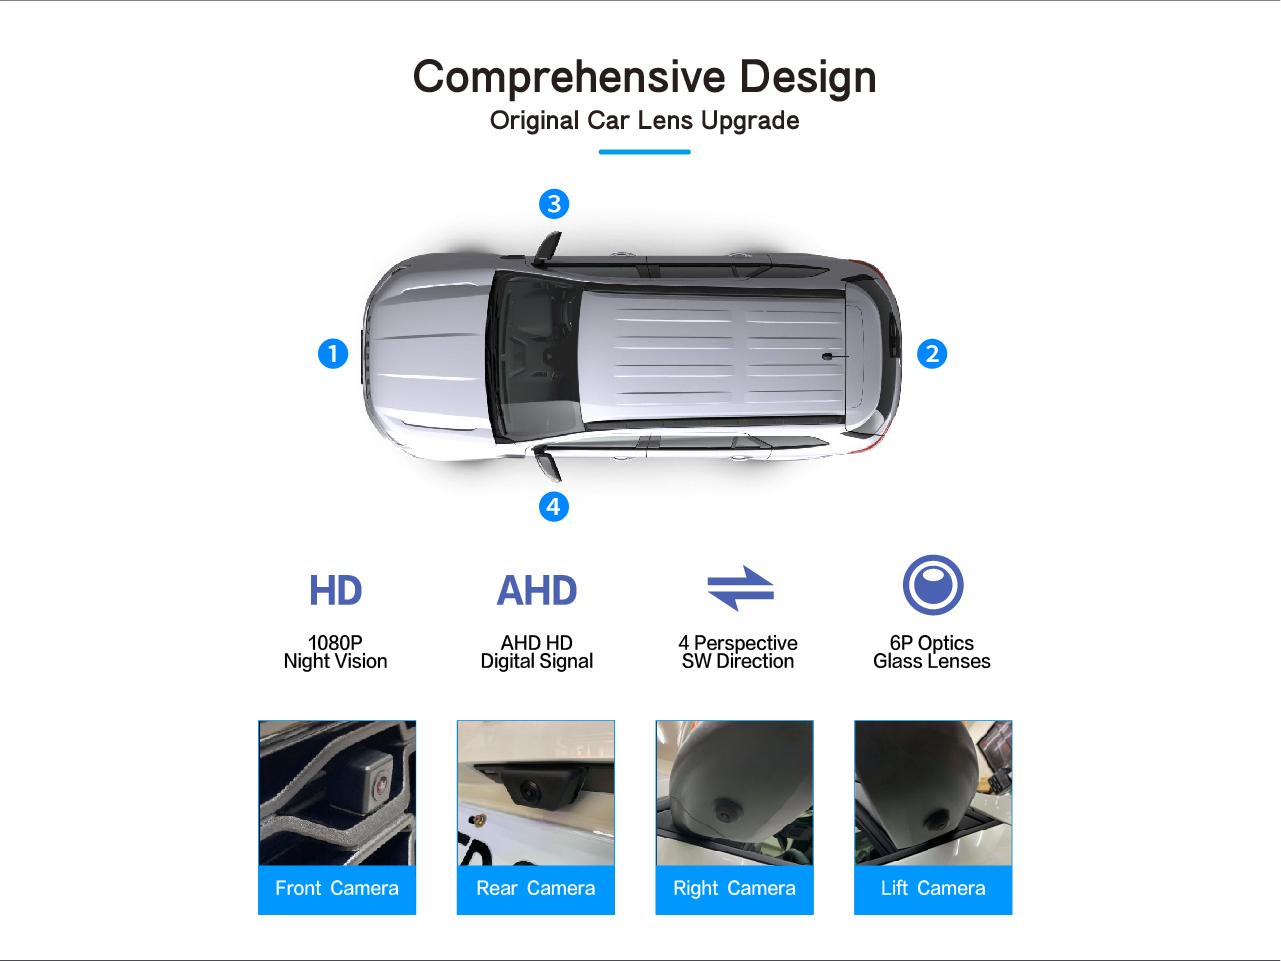 Original Car Lens Upgrade